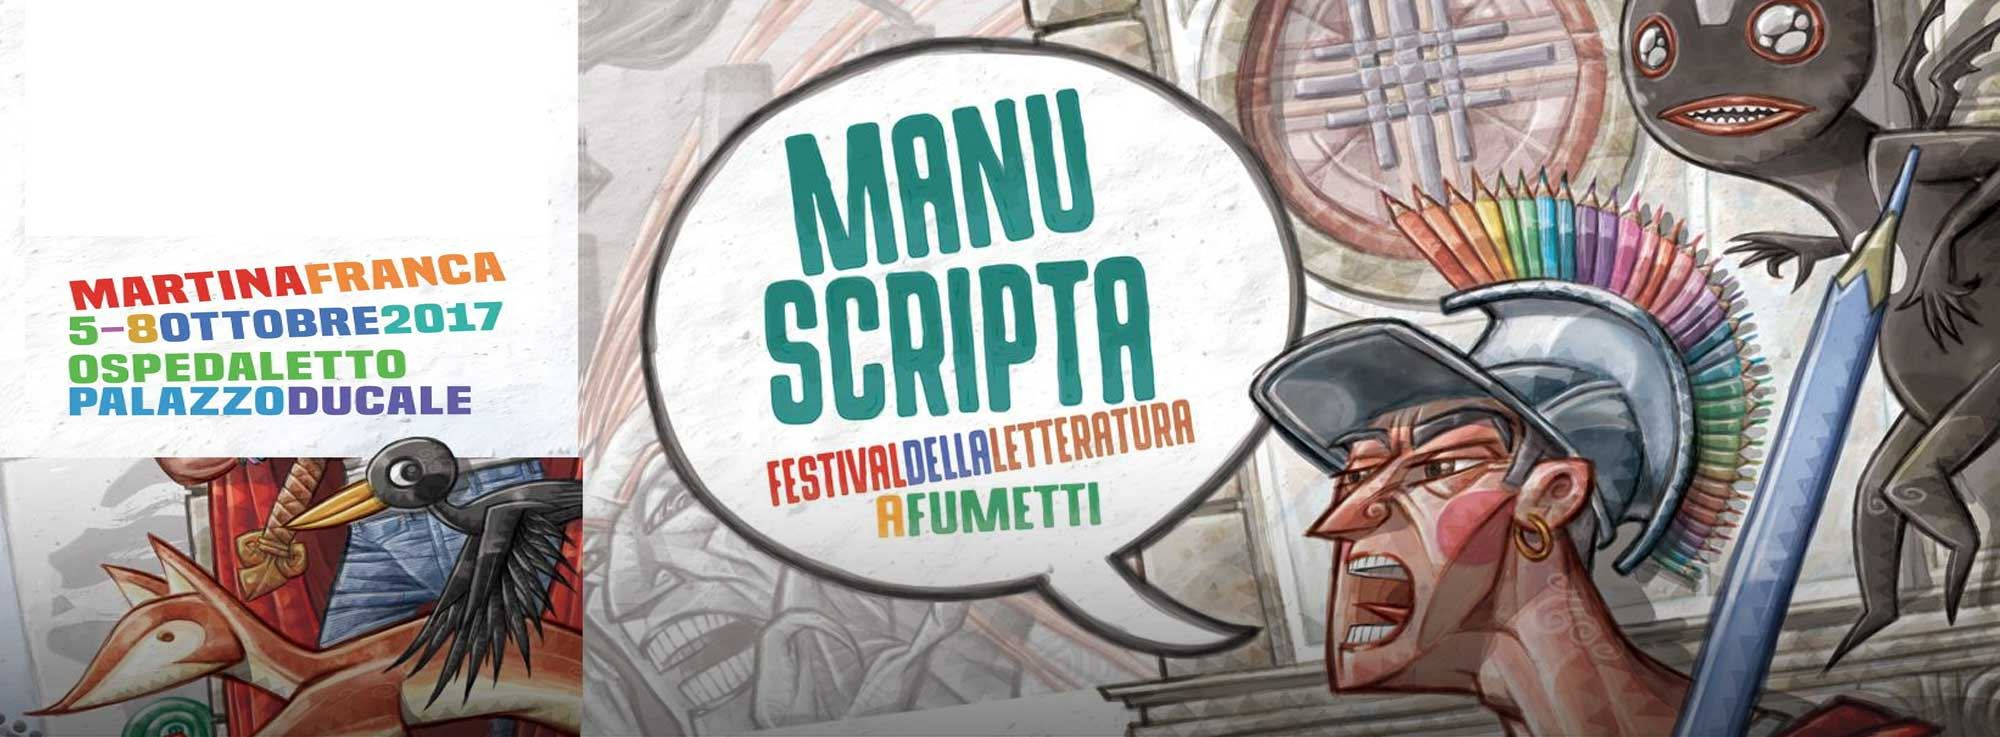 Martina Franca: Manuscripta 2017